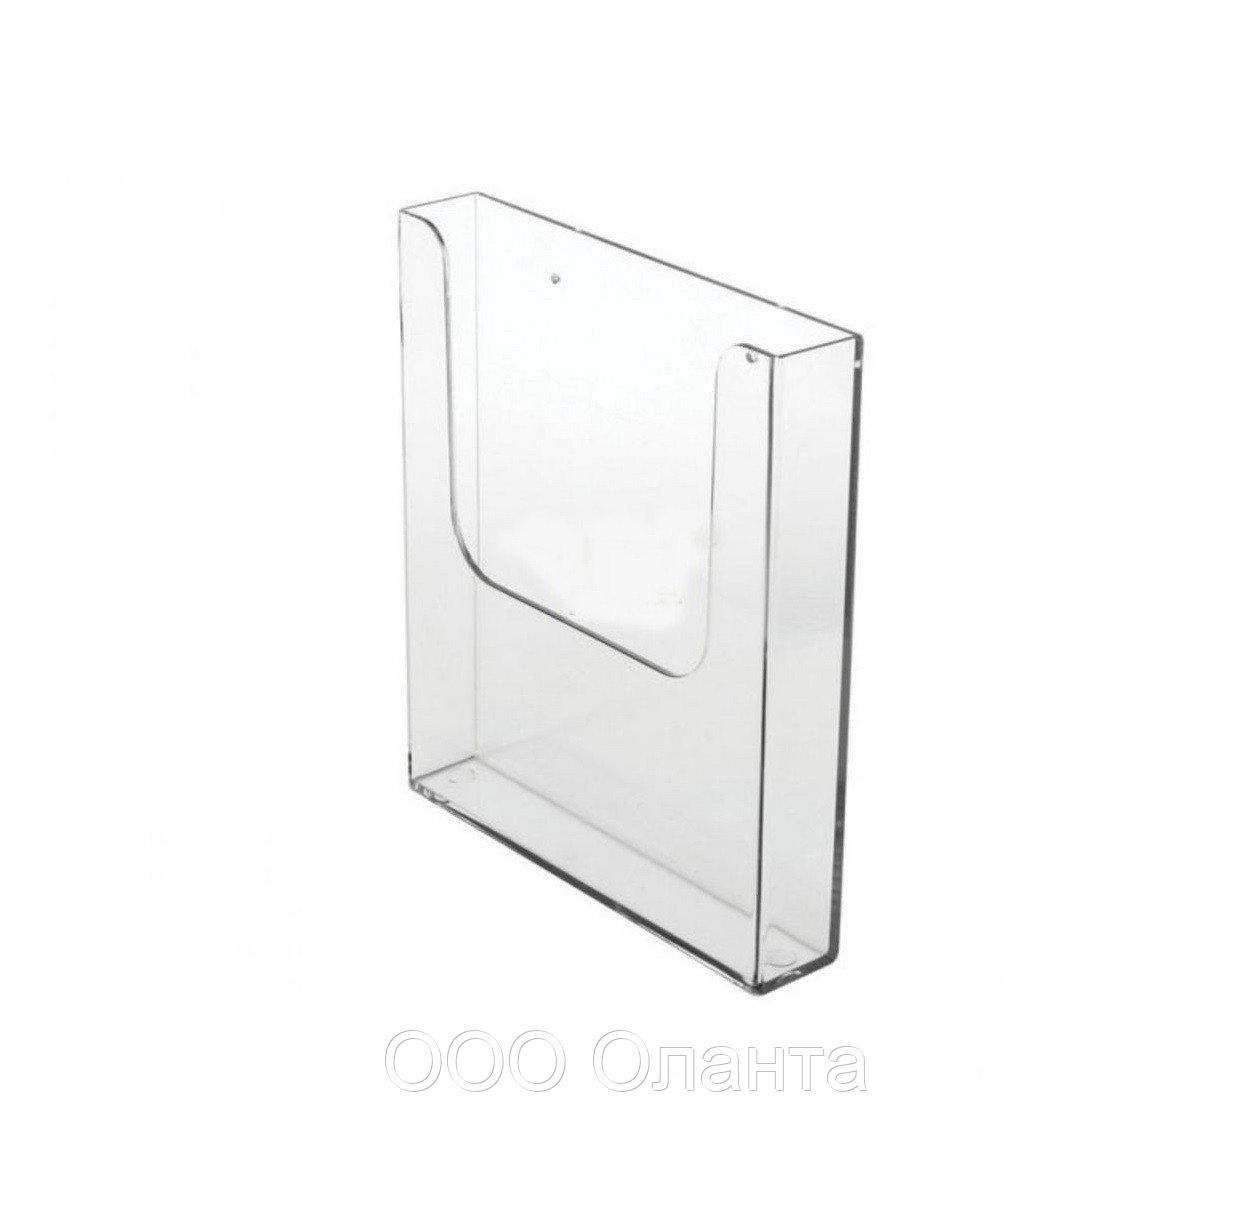 Карман для печатной продукции А4 DISP-W настенный арт.510013